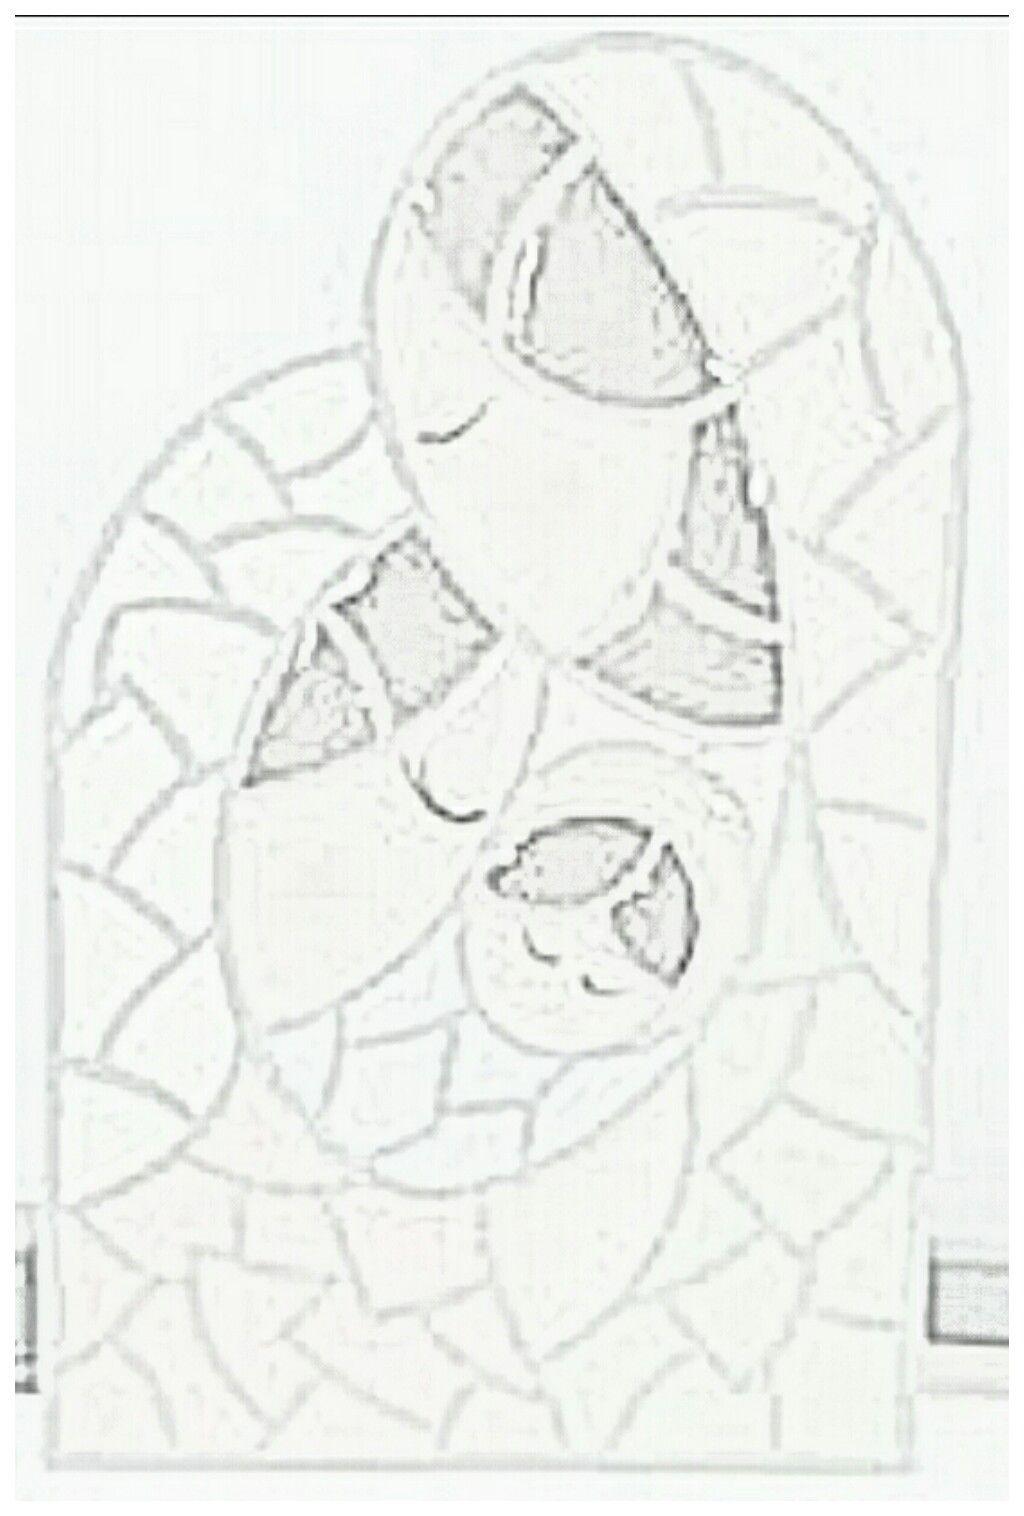 Dibujo Editado En Blanco Y Negro Para Imprimir Sagrada Familia